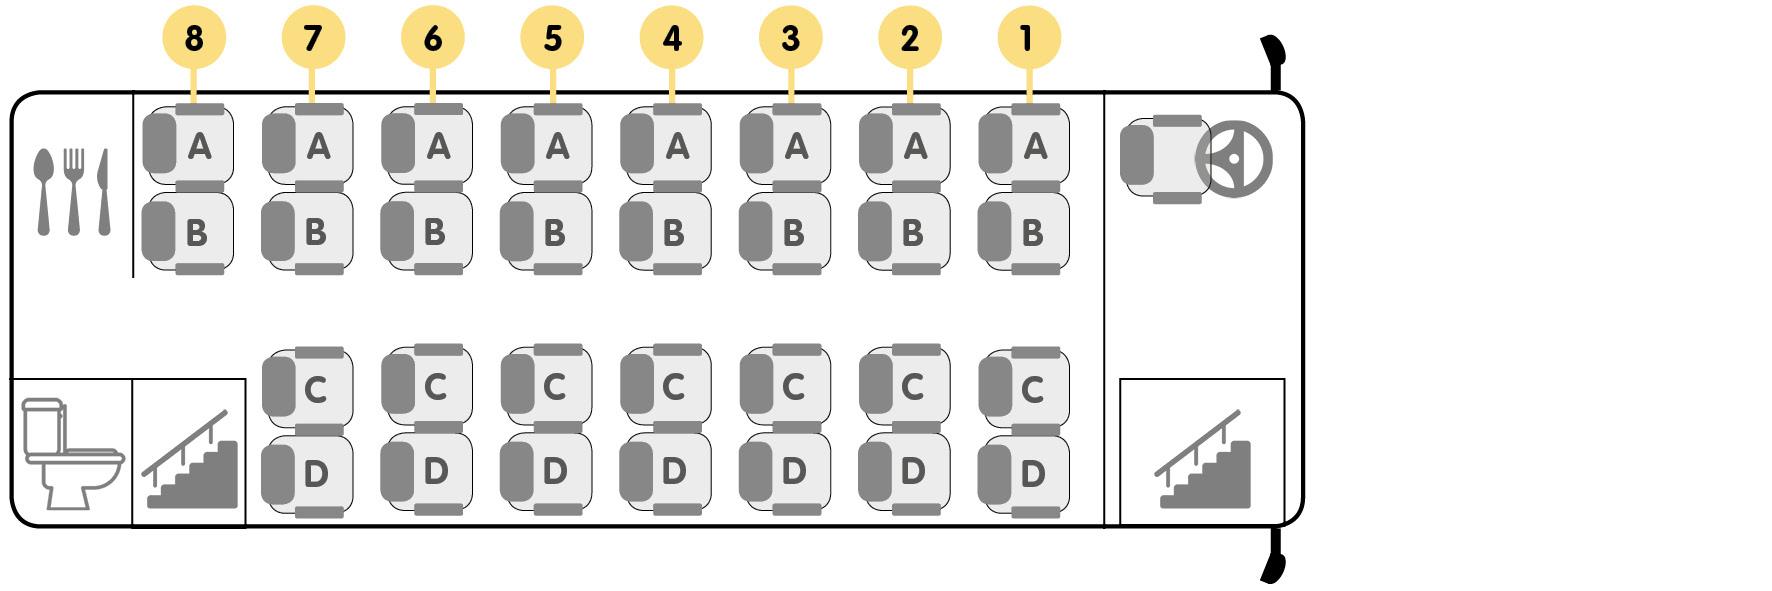 Sitzplatzspiegel_30_Plaetze